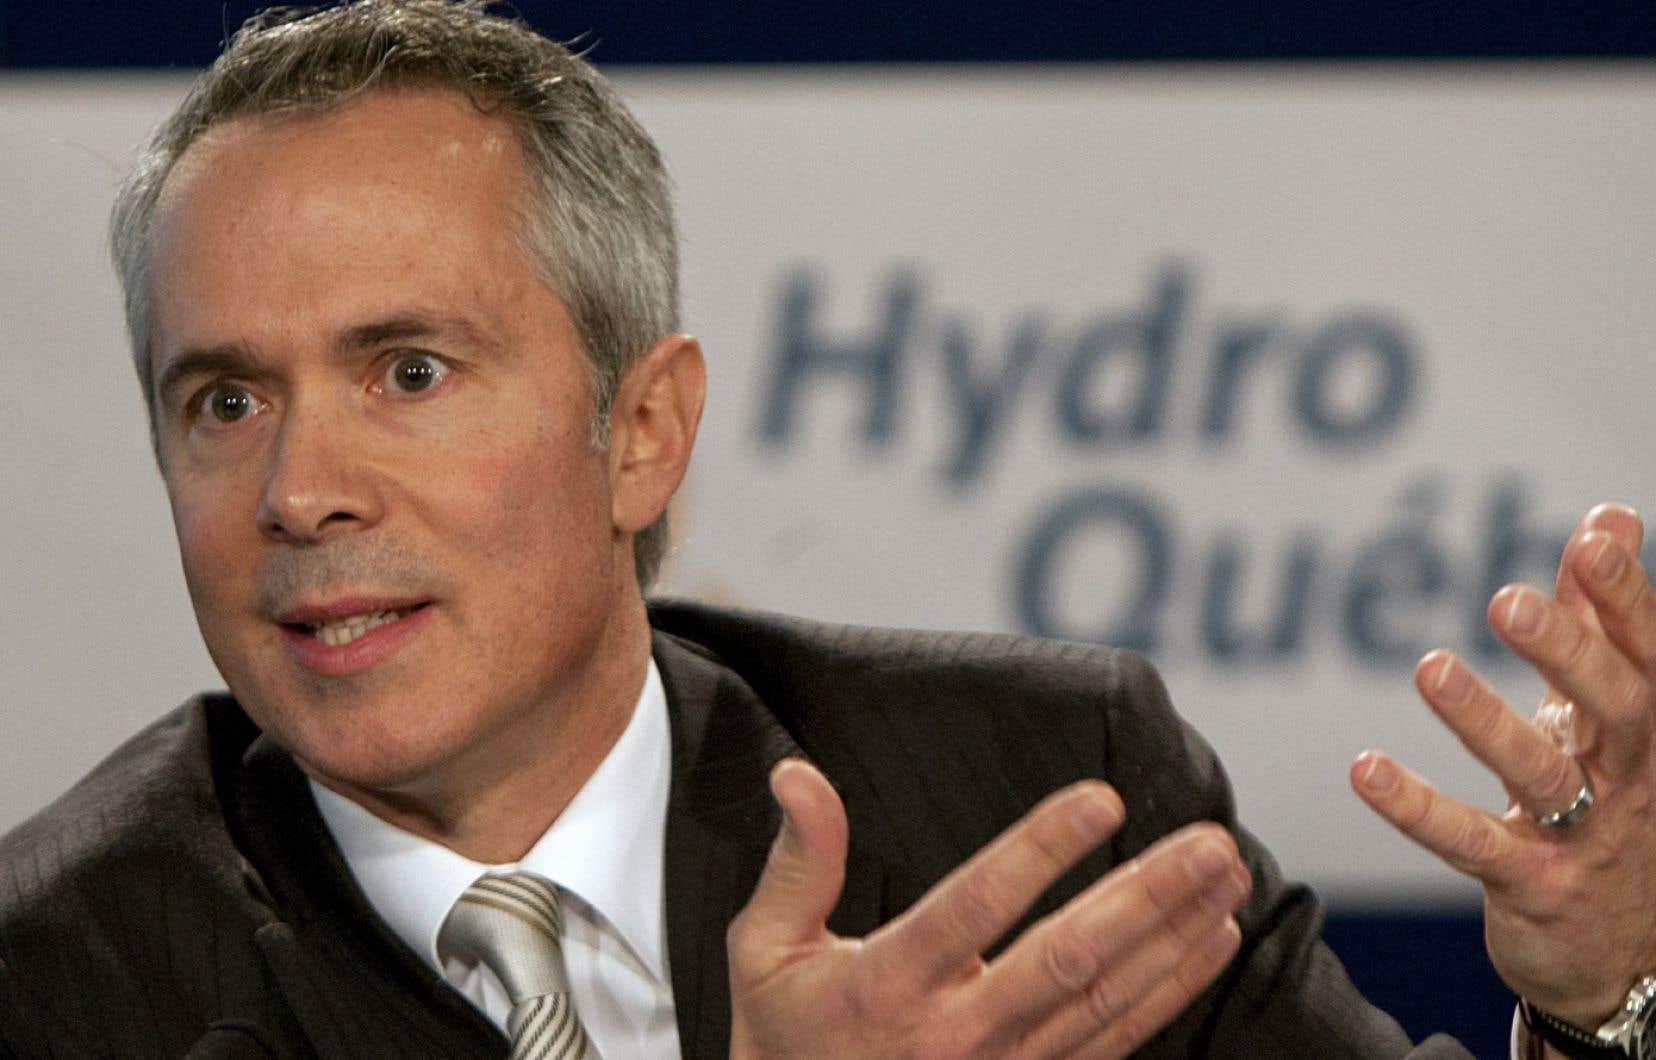 <em>«On répondra de façon très très certaine aux attentes de notre actionnaire dans le contexte où nos marchés ont connu en 2013 une progression»</em>, a affirmé le président-directeur général d'Hydro-Québec, Thierry Vandal, en marge de la publication des états financiers de 2013.